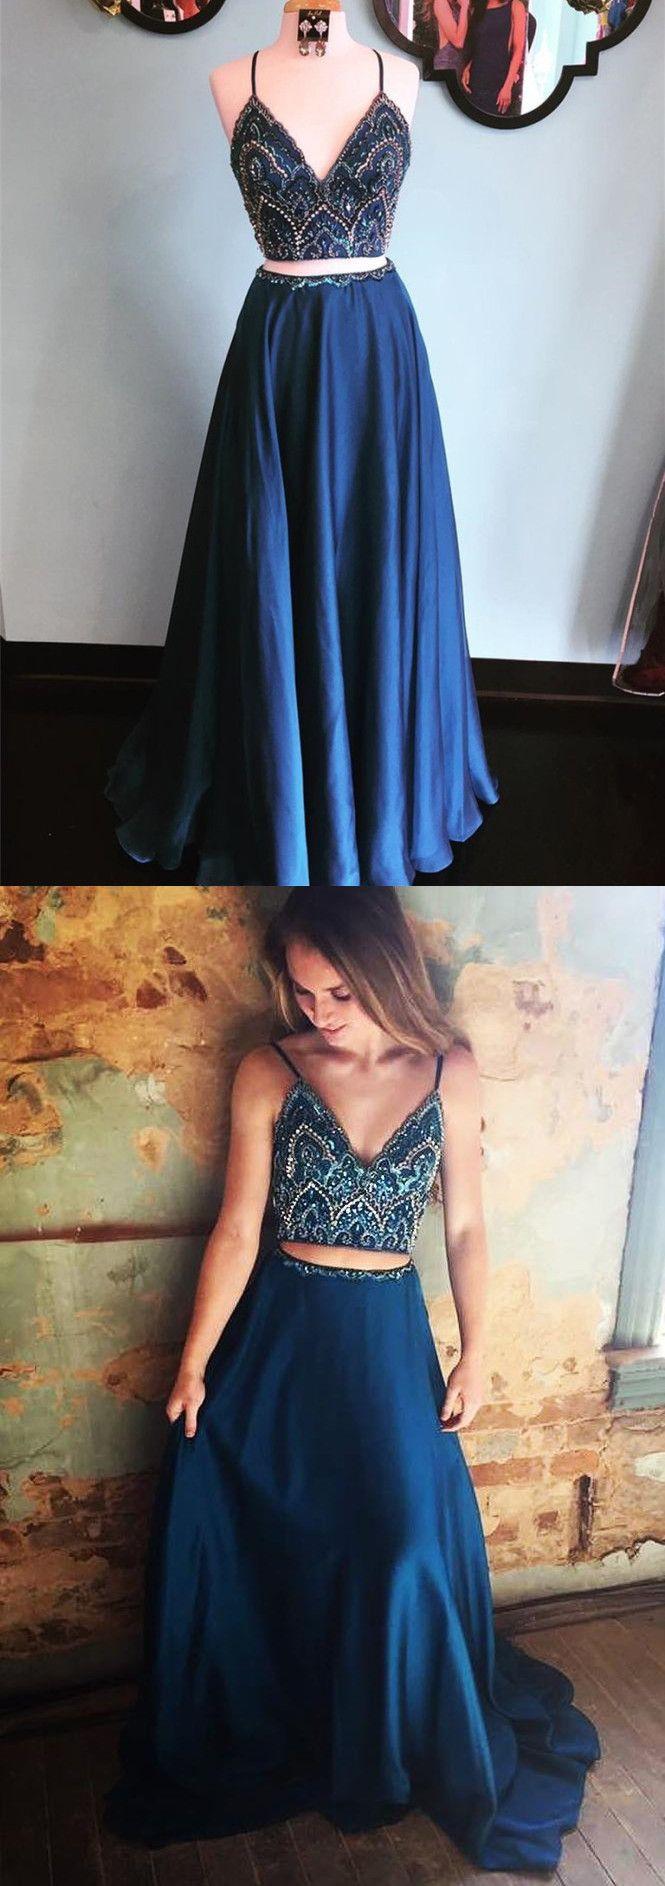 2 Pieces Navy Blue Prom Dress Dark Blue 2 Pieces Formal Dress Evening Dress 2 Piece Formal Dresses Chiffon Evening Dresses Prom Dresses Blue [ 1886 x 665 Pixel ]